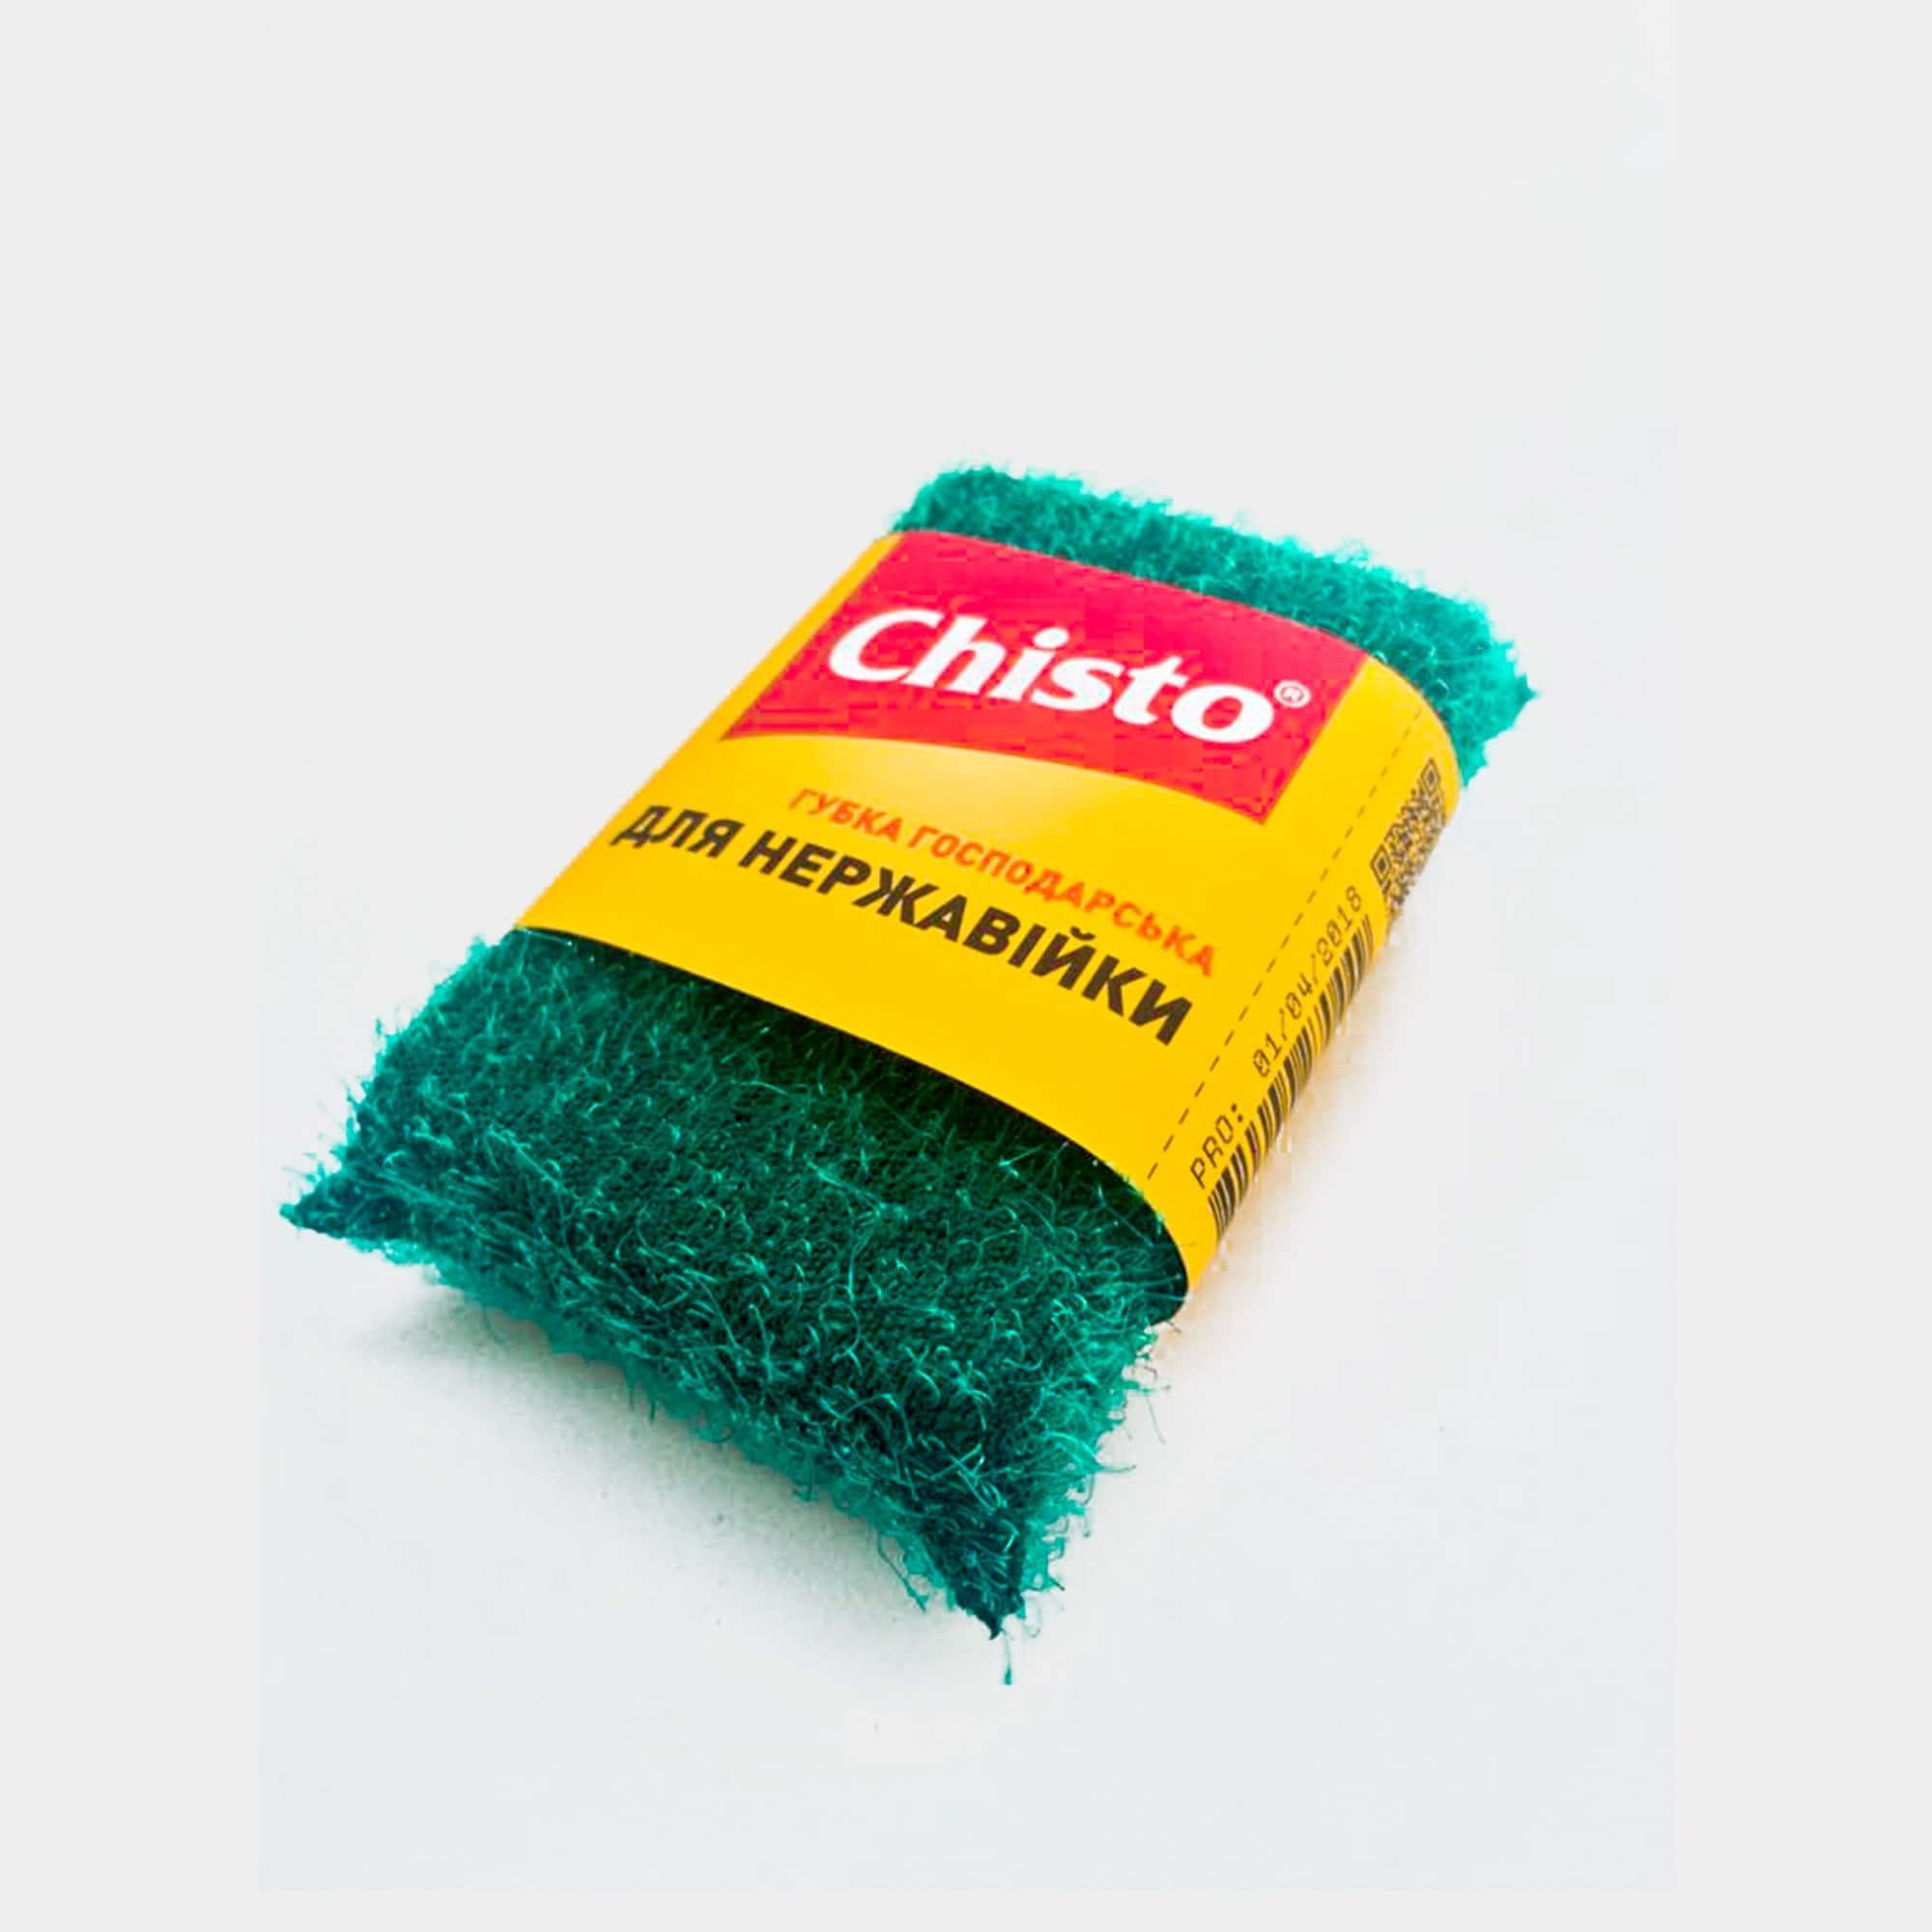 Губка хозяйственная для нержавейки ТМ «Chisto», 1 шт. | продукция ТМ Chisto